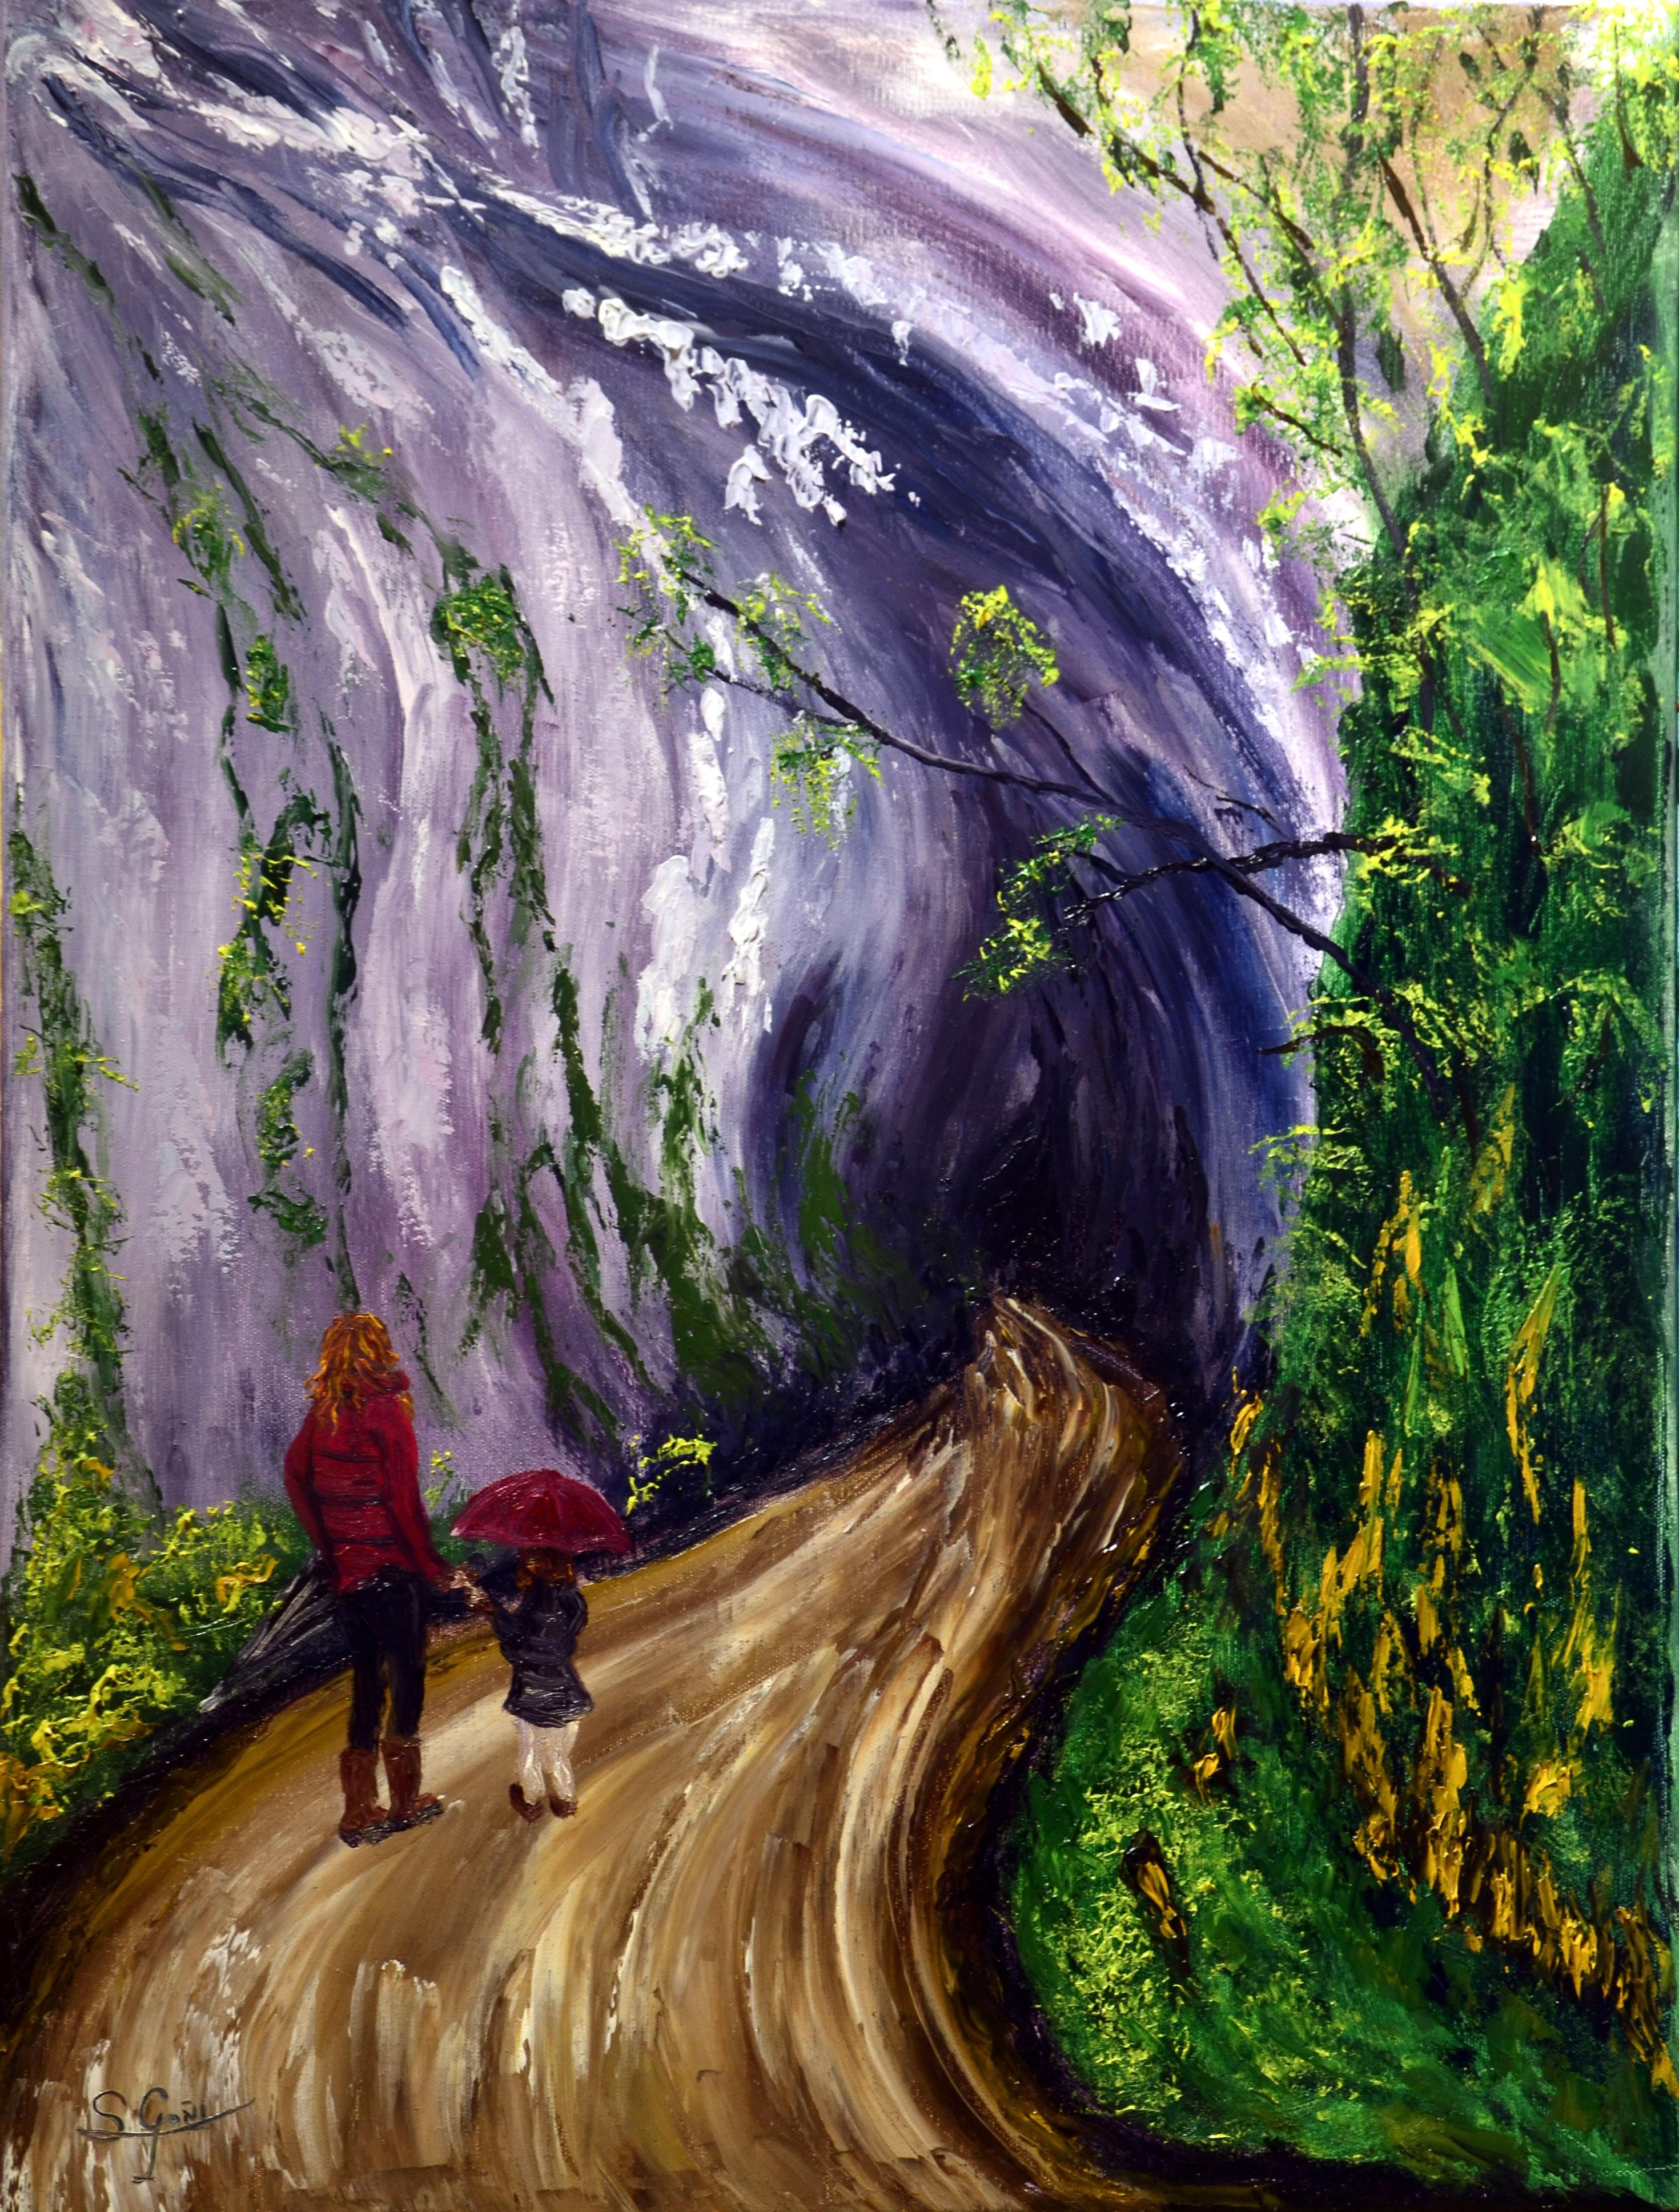 La cueva de Cullalvera